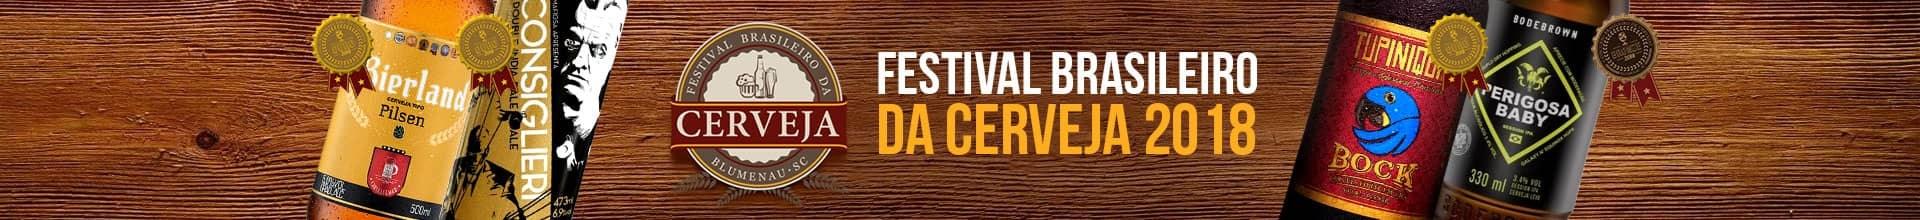 Festival Brasileiro de Cerveja